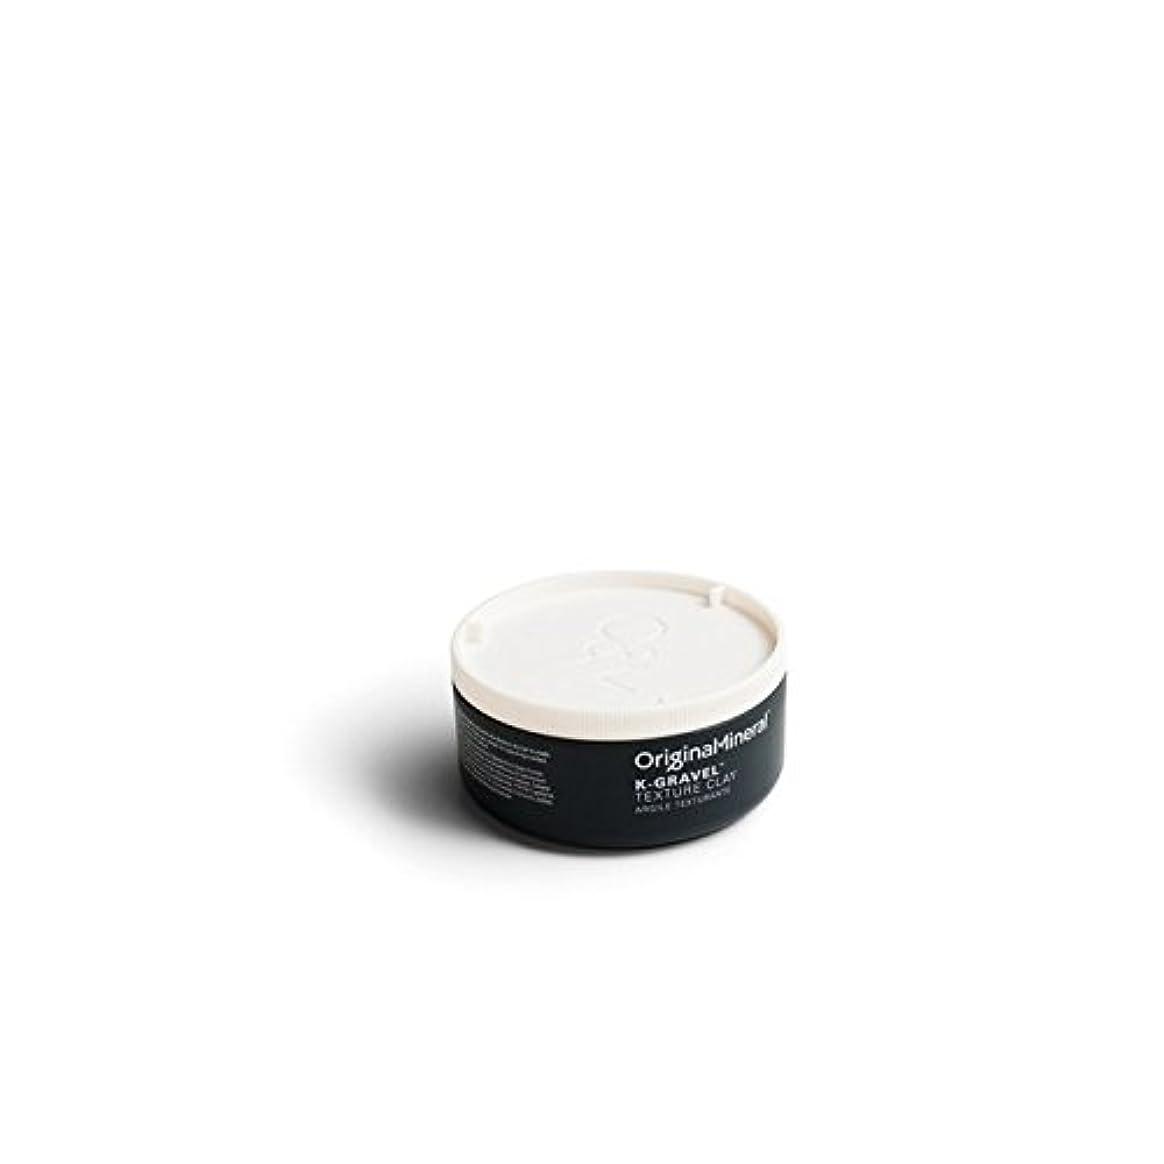 不透明な師匠急速な[Original & Mineral] オリジナル&ミネラルK-砂利テクスチャ粘土(100グラム) - Original & Mineral K-Gravel Texture Clay (100g) [並行輸入品]